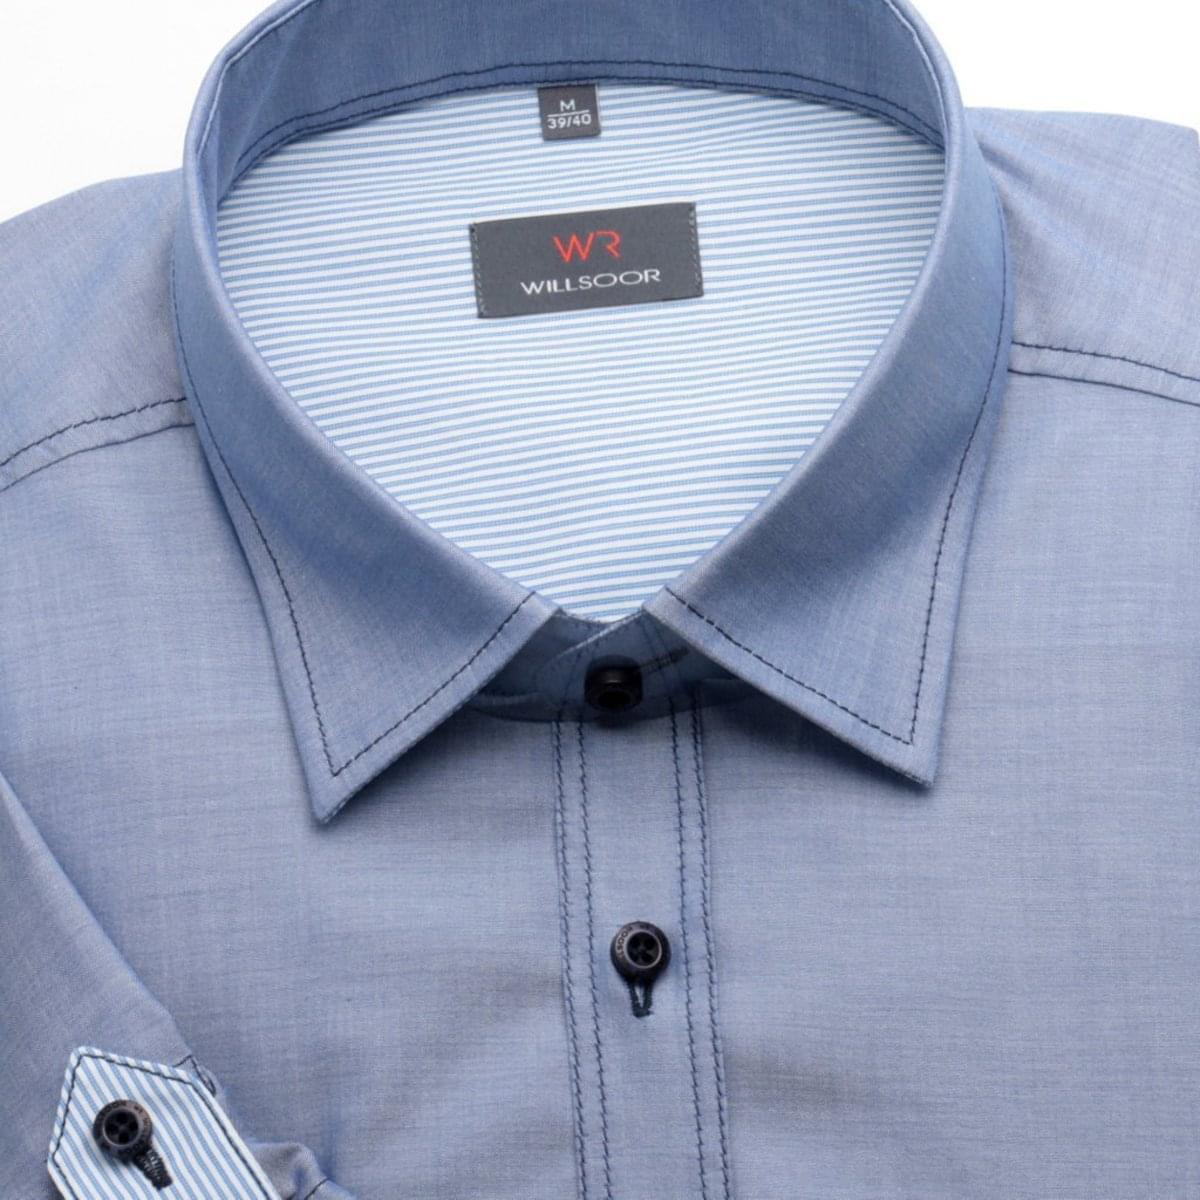 Pánska klasická košeľa s krátkym rukávom (výška 176-182) 1369 v modré farbe 176-182 / M (39/40)